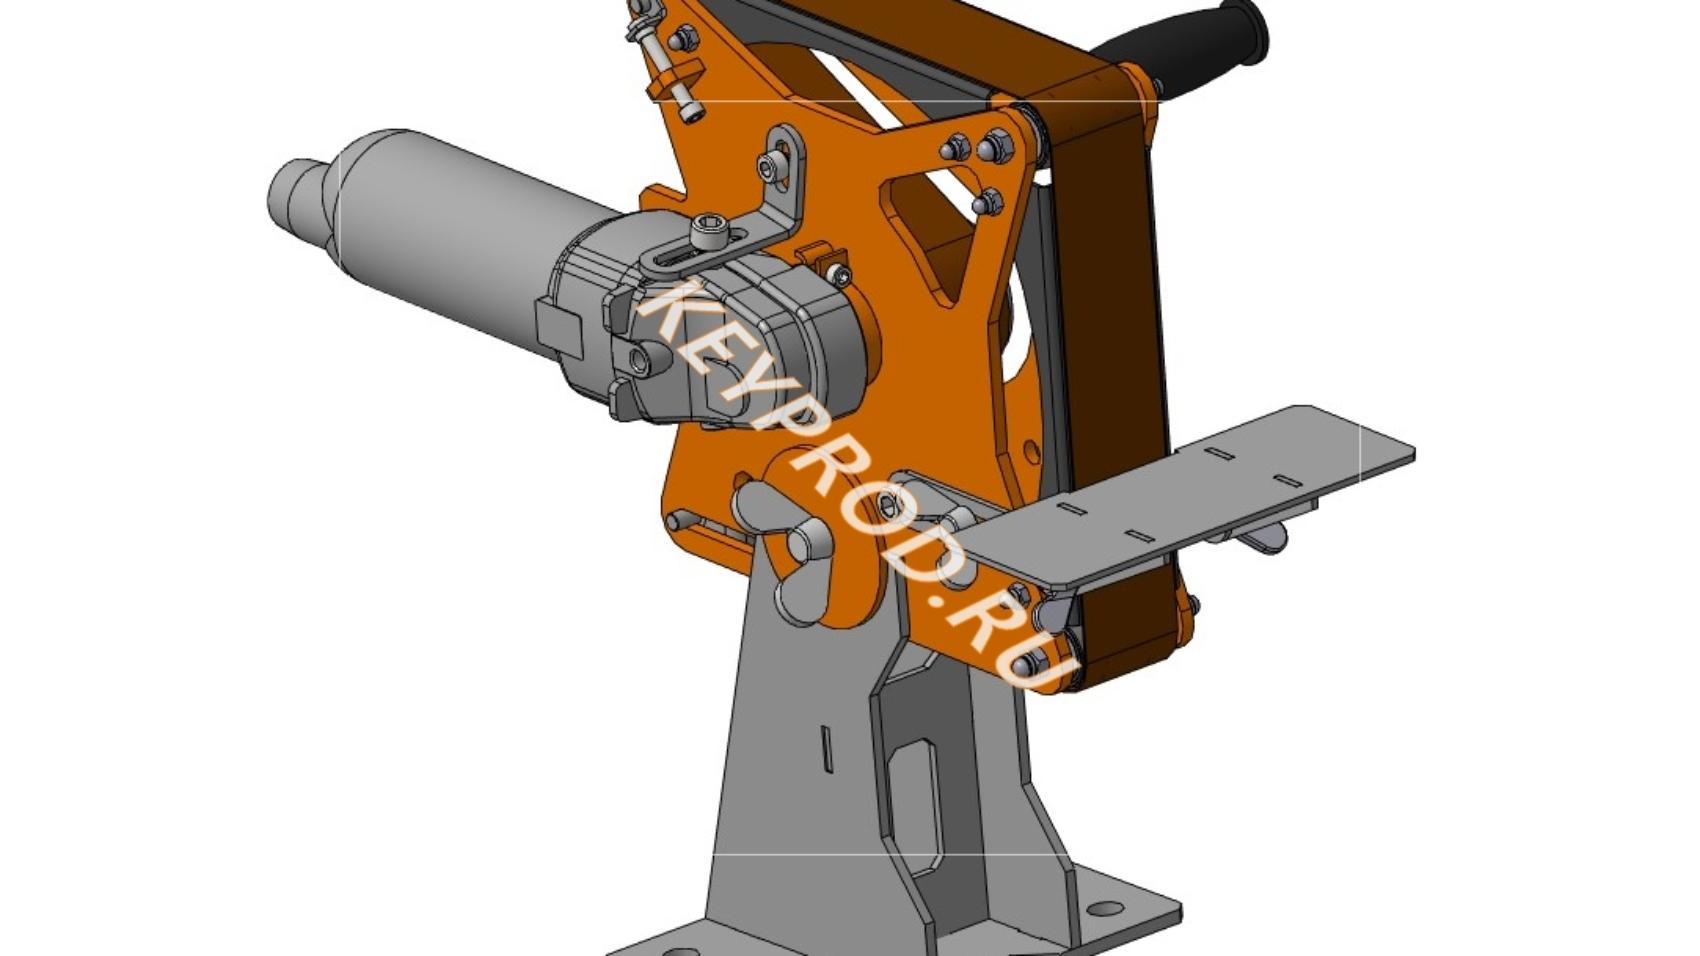 гриндер 3D-модель и чертежи